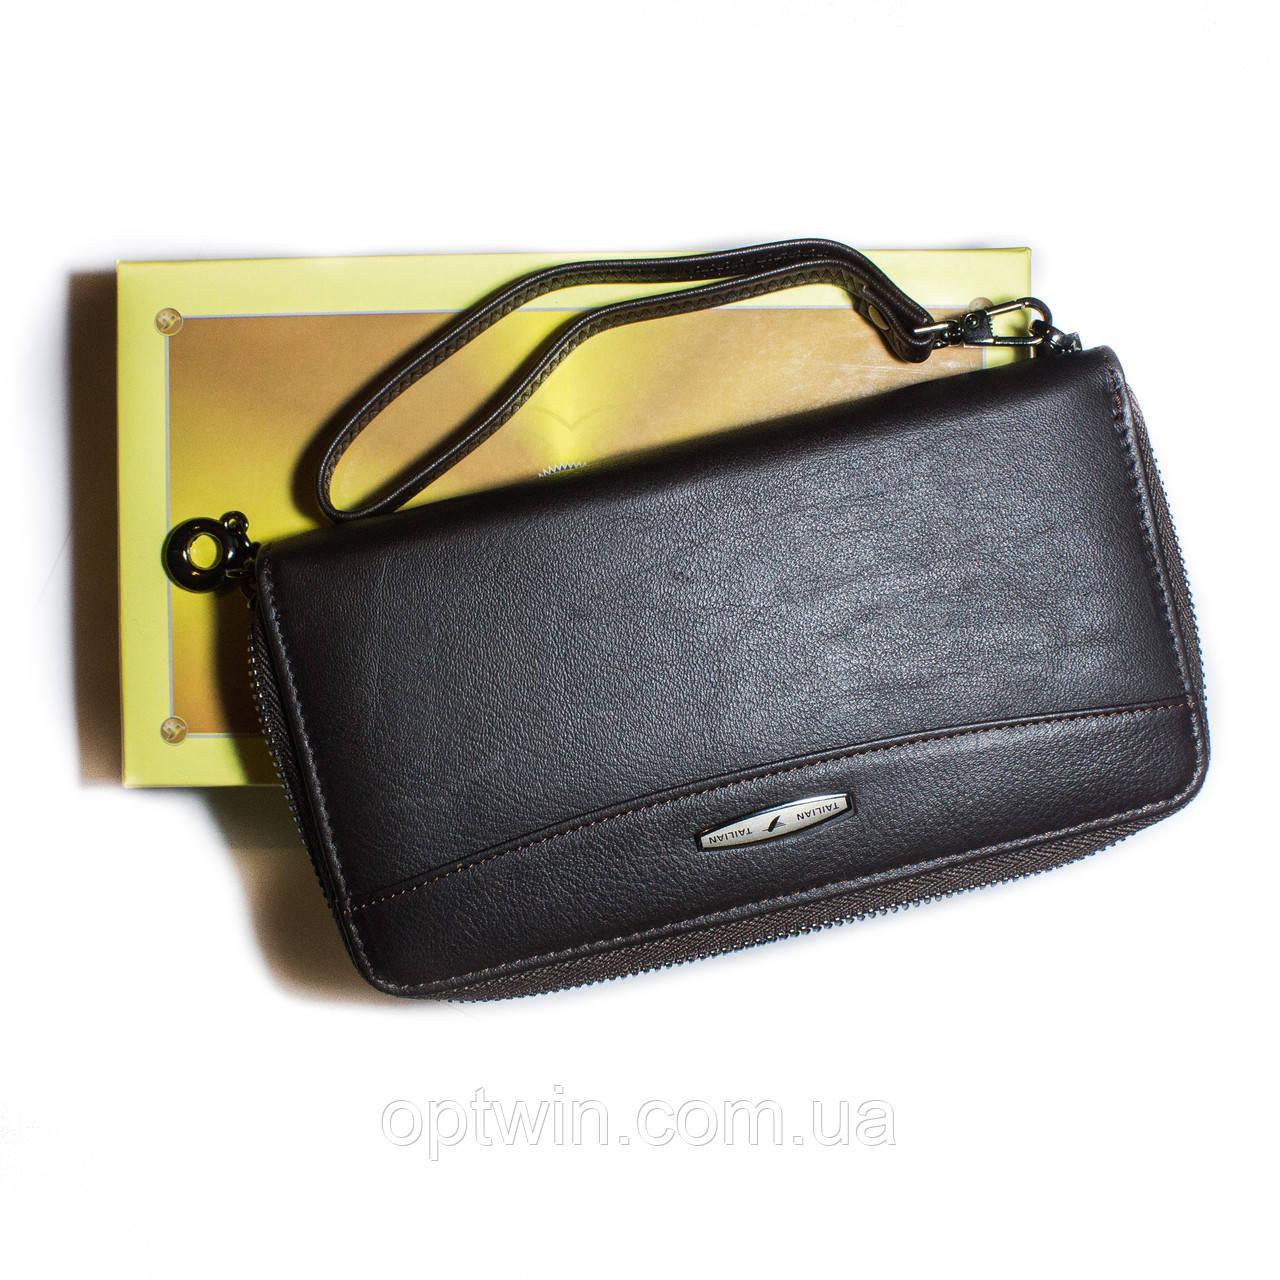 e73c4cde7f6e Женский кожаный кошелек на молнии Tailan черный - OptWin в Хмельницком